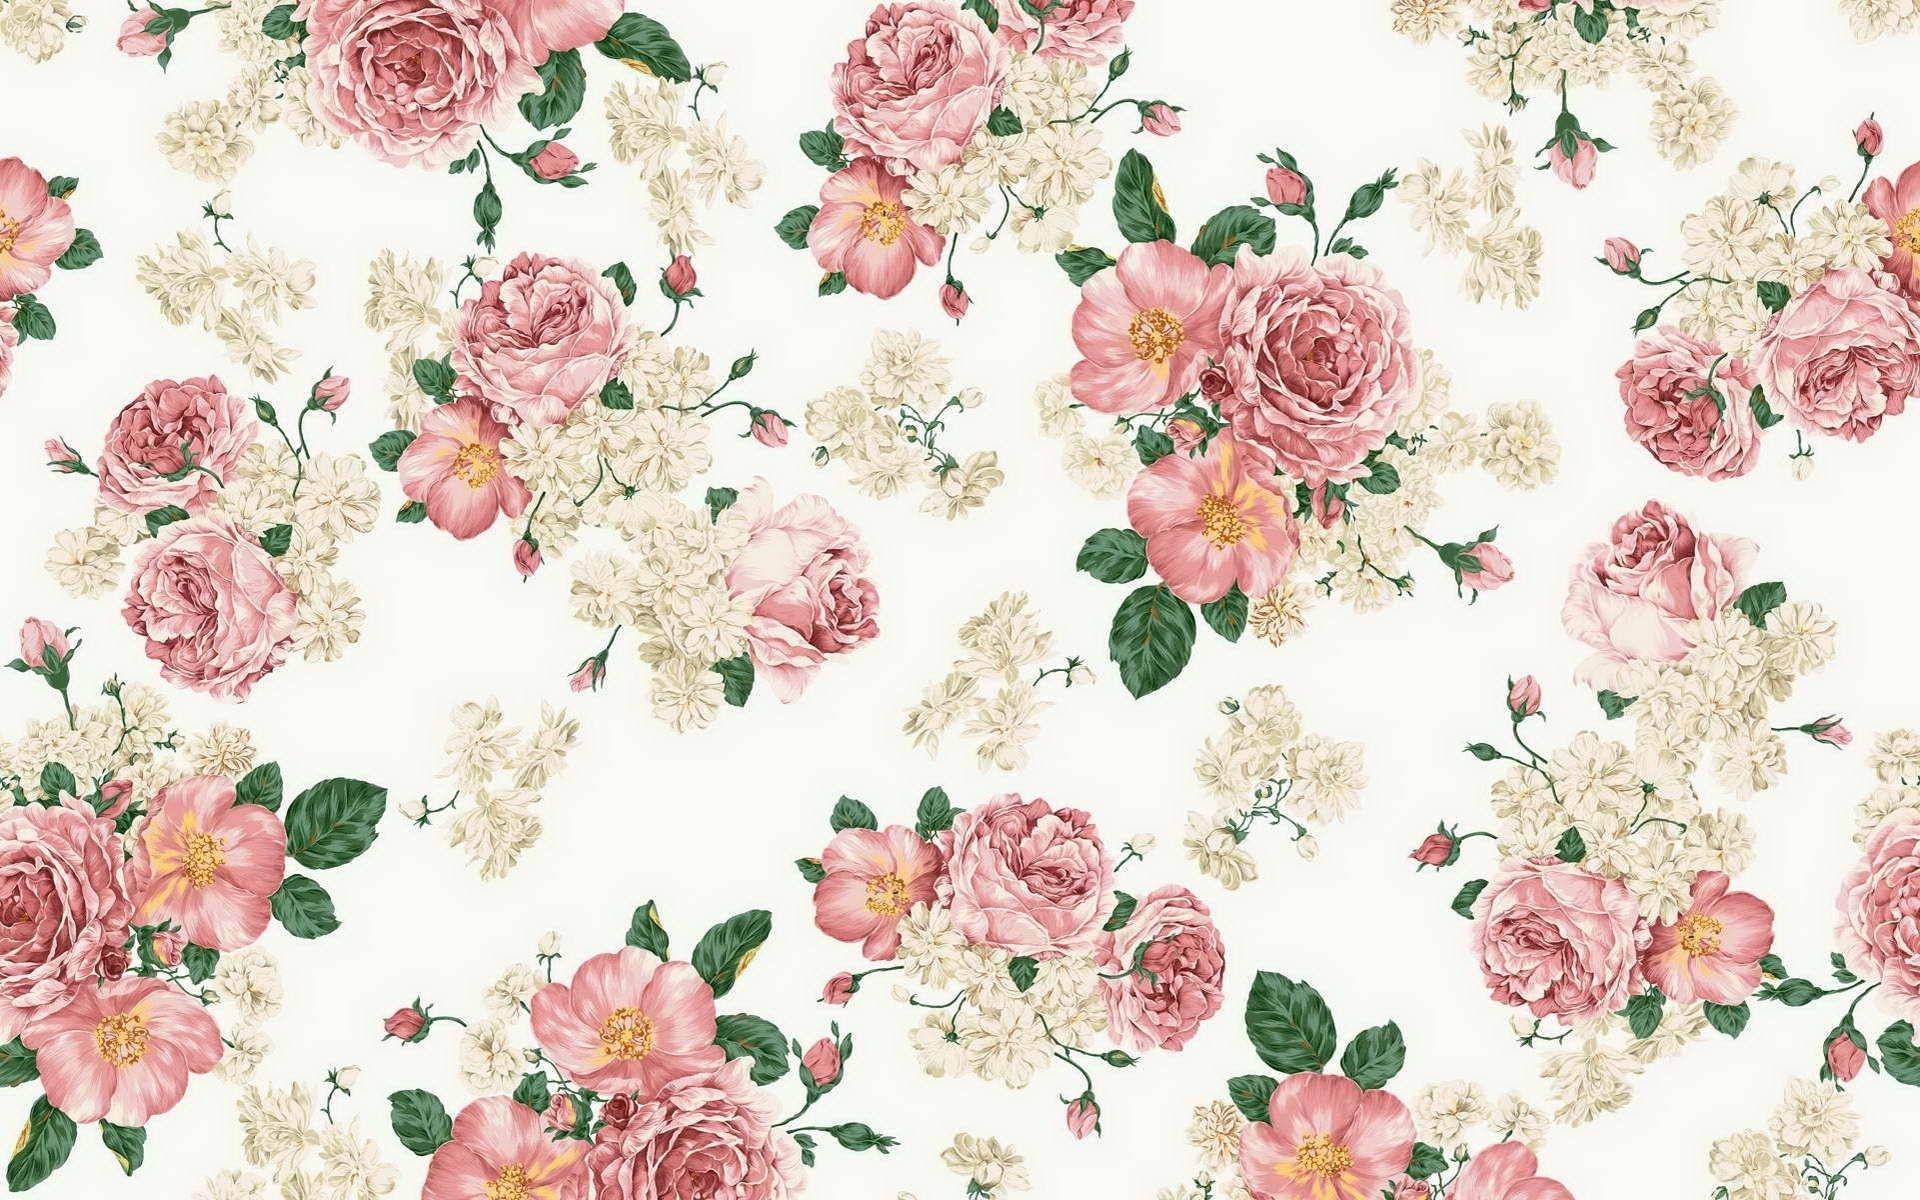 flowers pattern background wallpaper